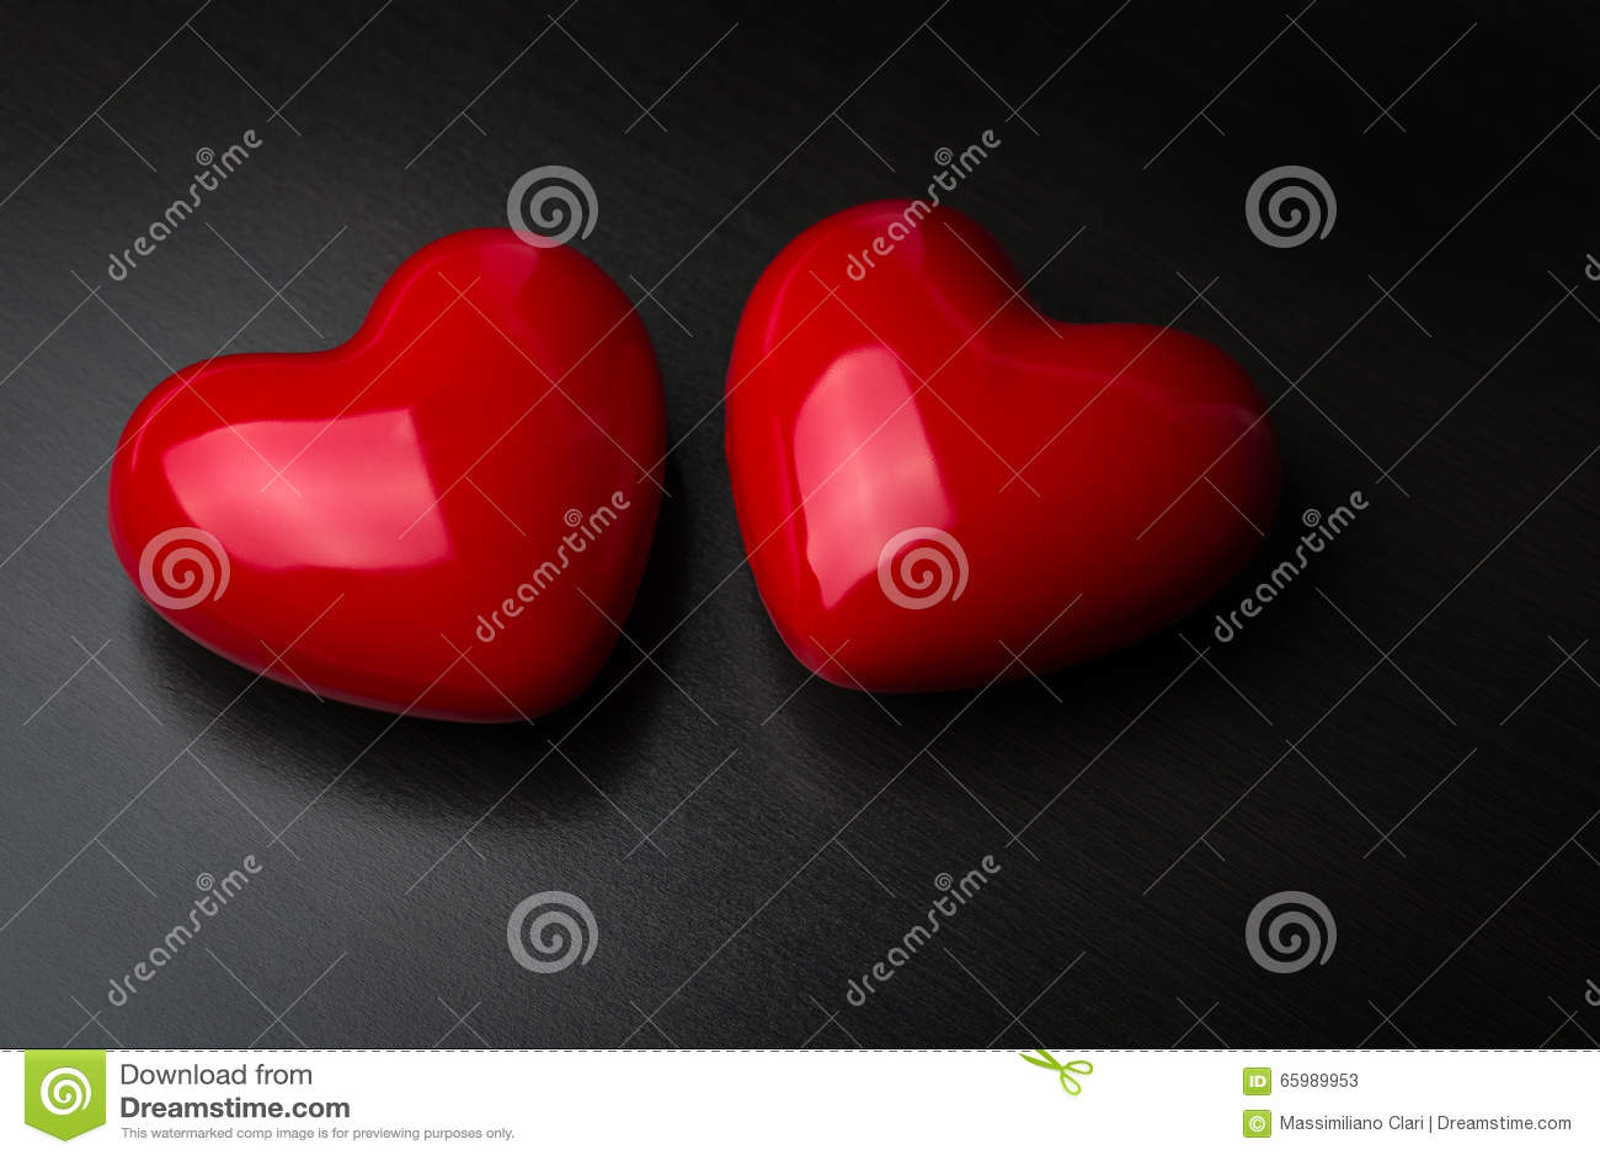 Zwei Rote Herzen Auf Dunklem Hintergrund Ineinander Greifen Von Zwei